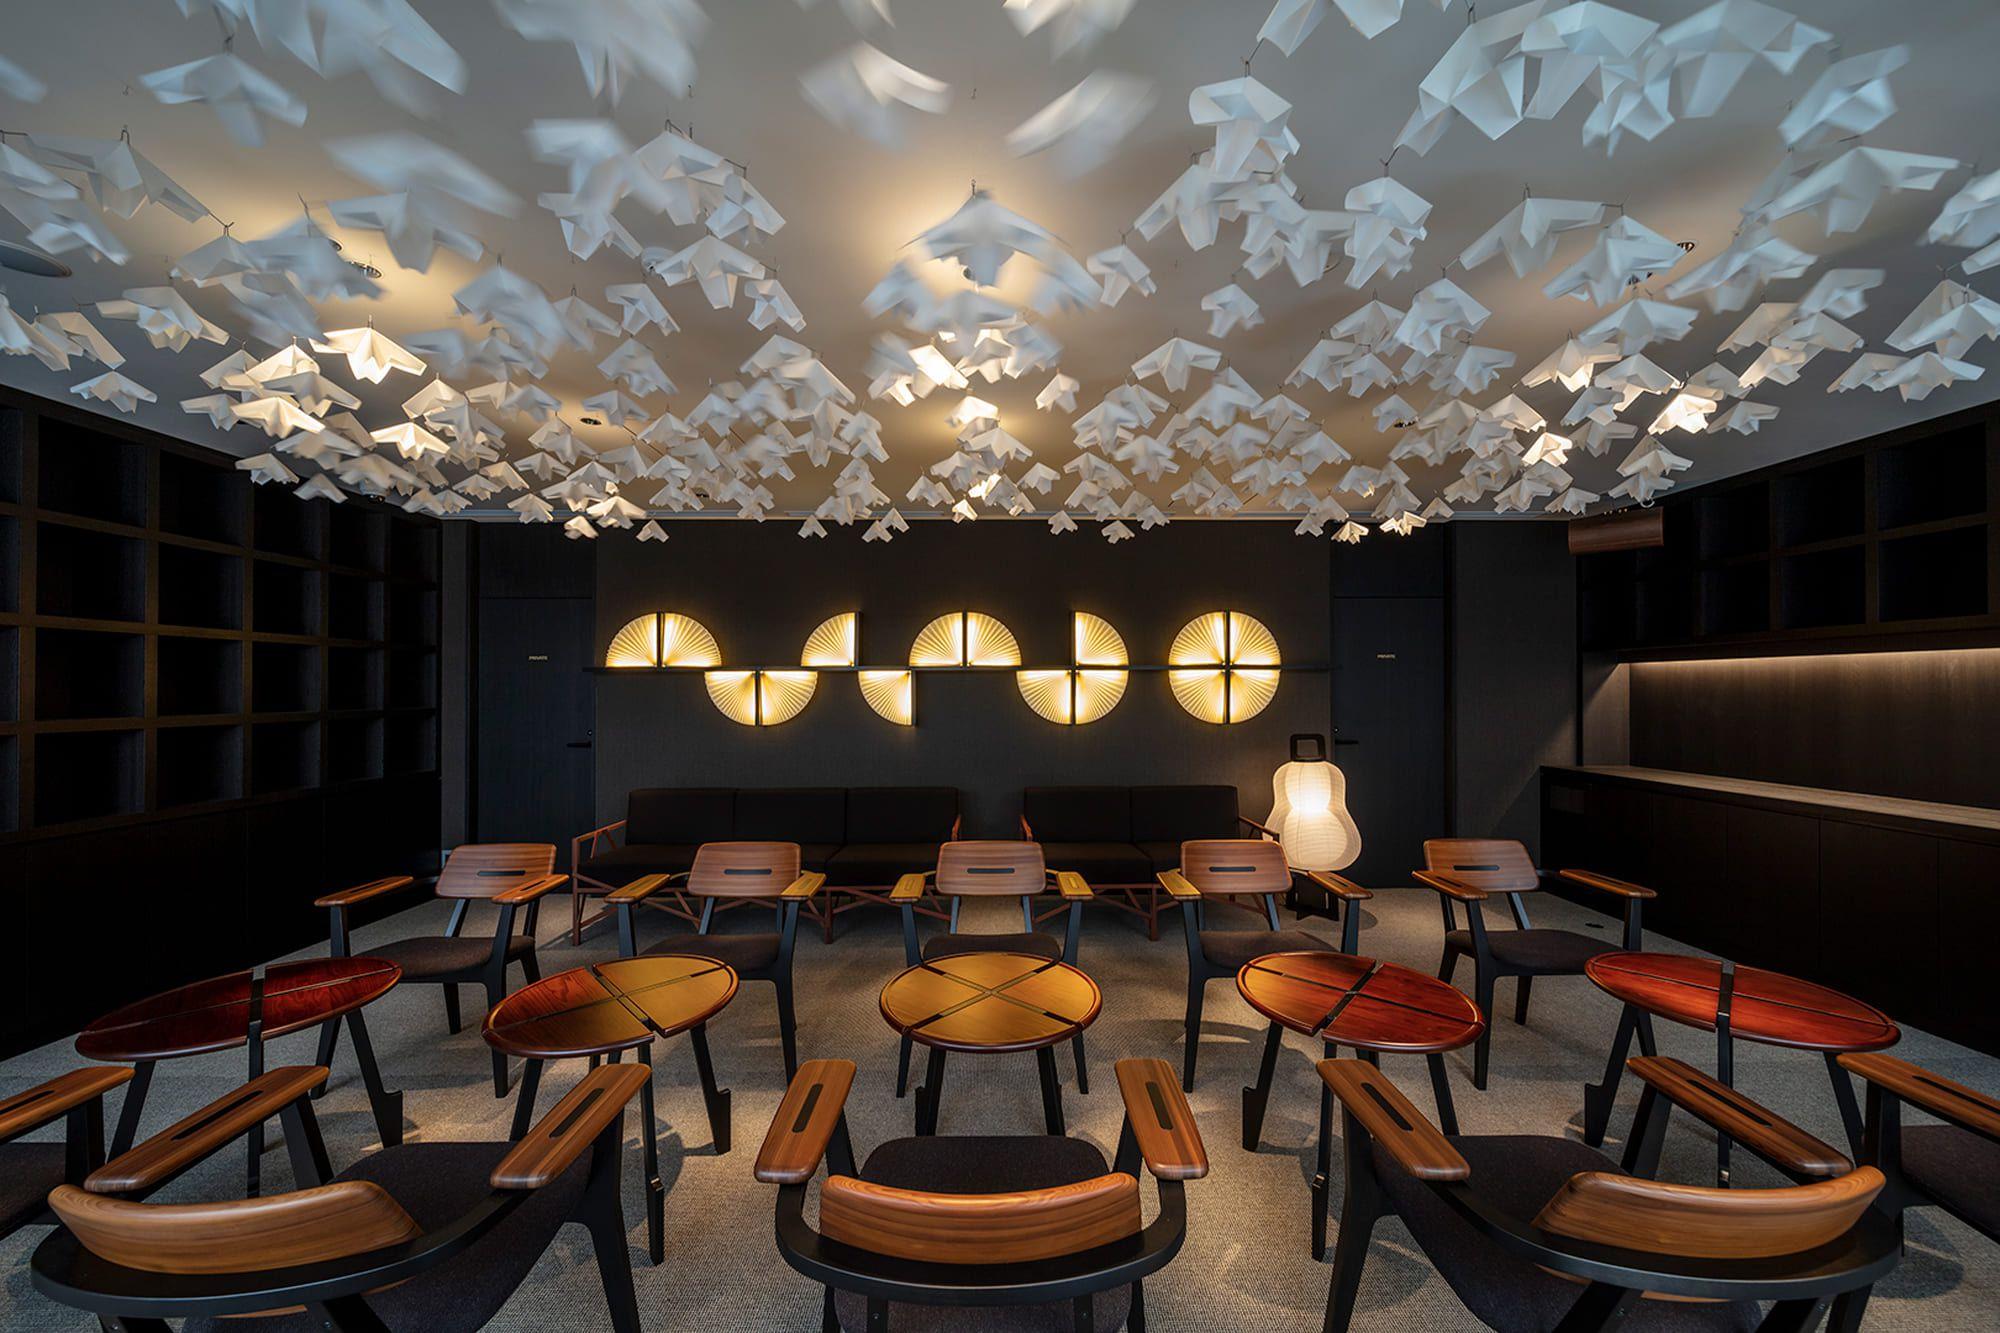 飛騨産業のテーブルと椅子、奥のソファ、美濃和紙を使った天井のモビール、正面の壁の扇型の照明、提灯型の照明はすべてアトリエ・オイのデザイン(富小路通 Ⅱ)